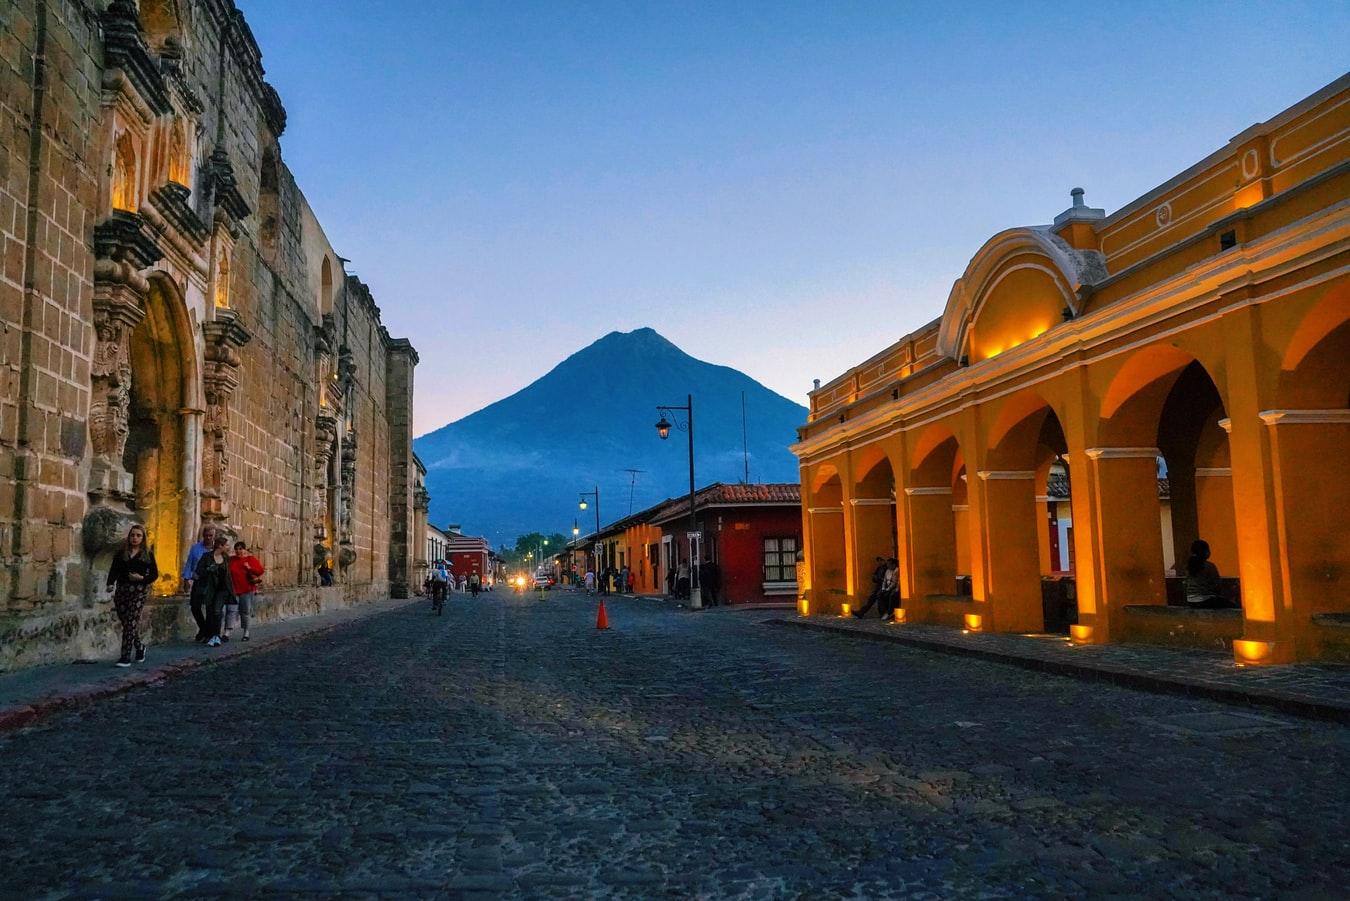 Straßenansicht in Guatemala City mit Vulkan Pacaya im Hintergrund